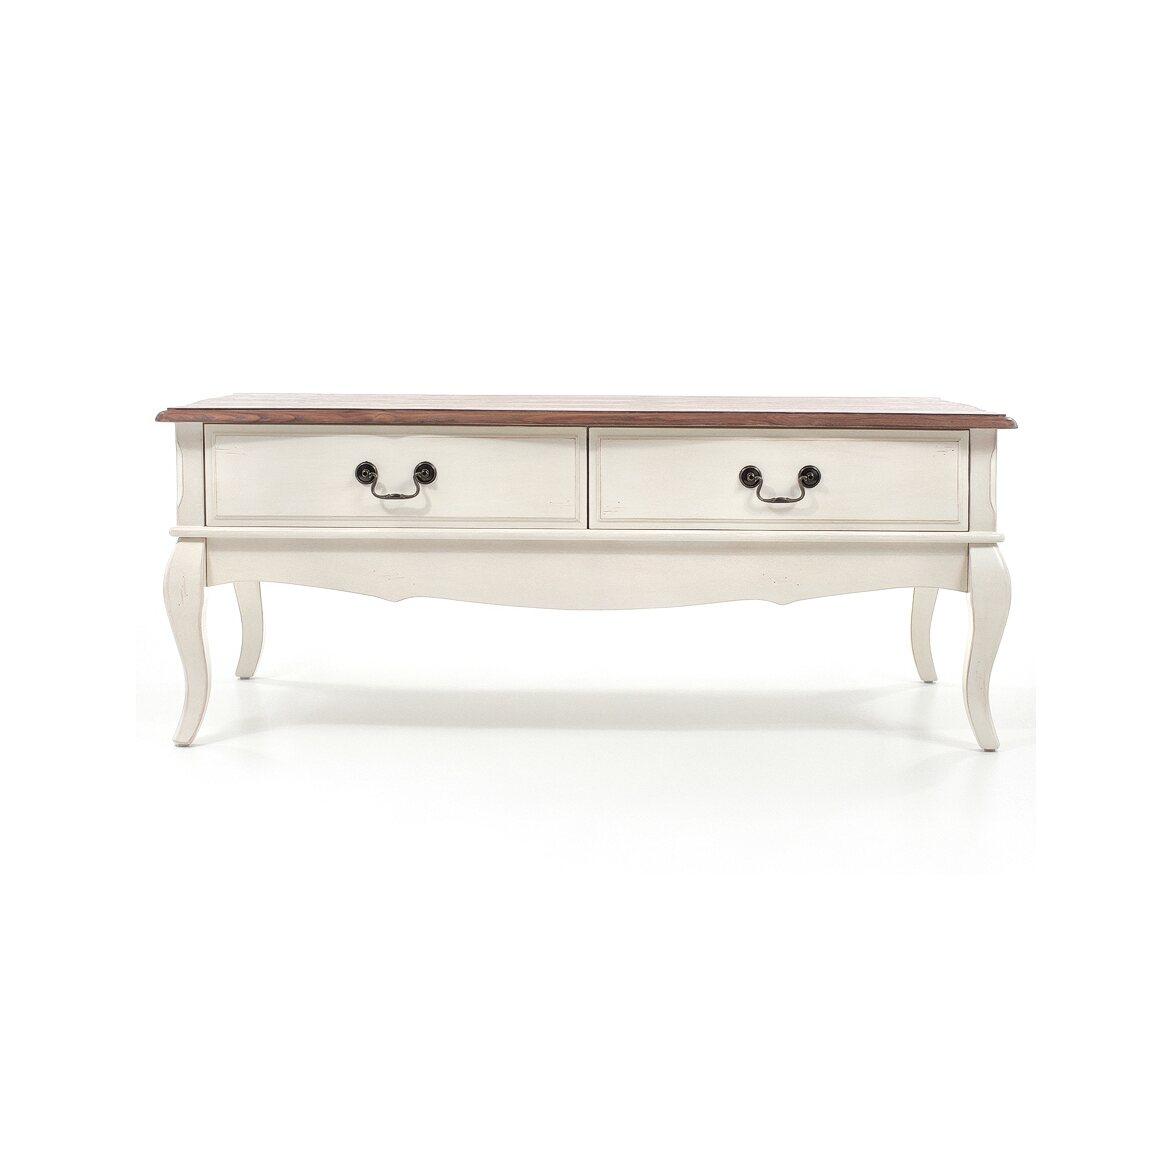 Чайный столик с 2-мя ящиками Leontina, бежевого цвета | Журнальные столики Kingsby